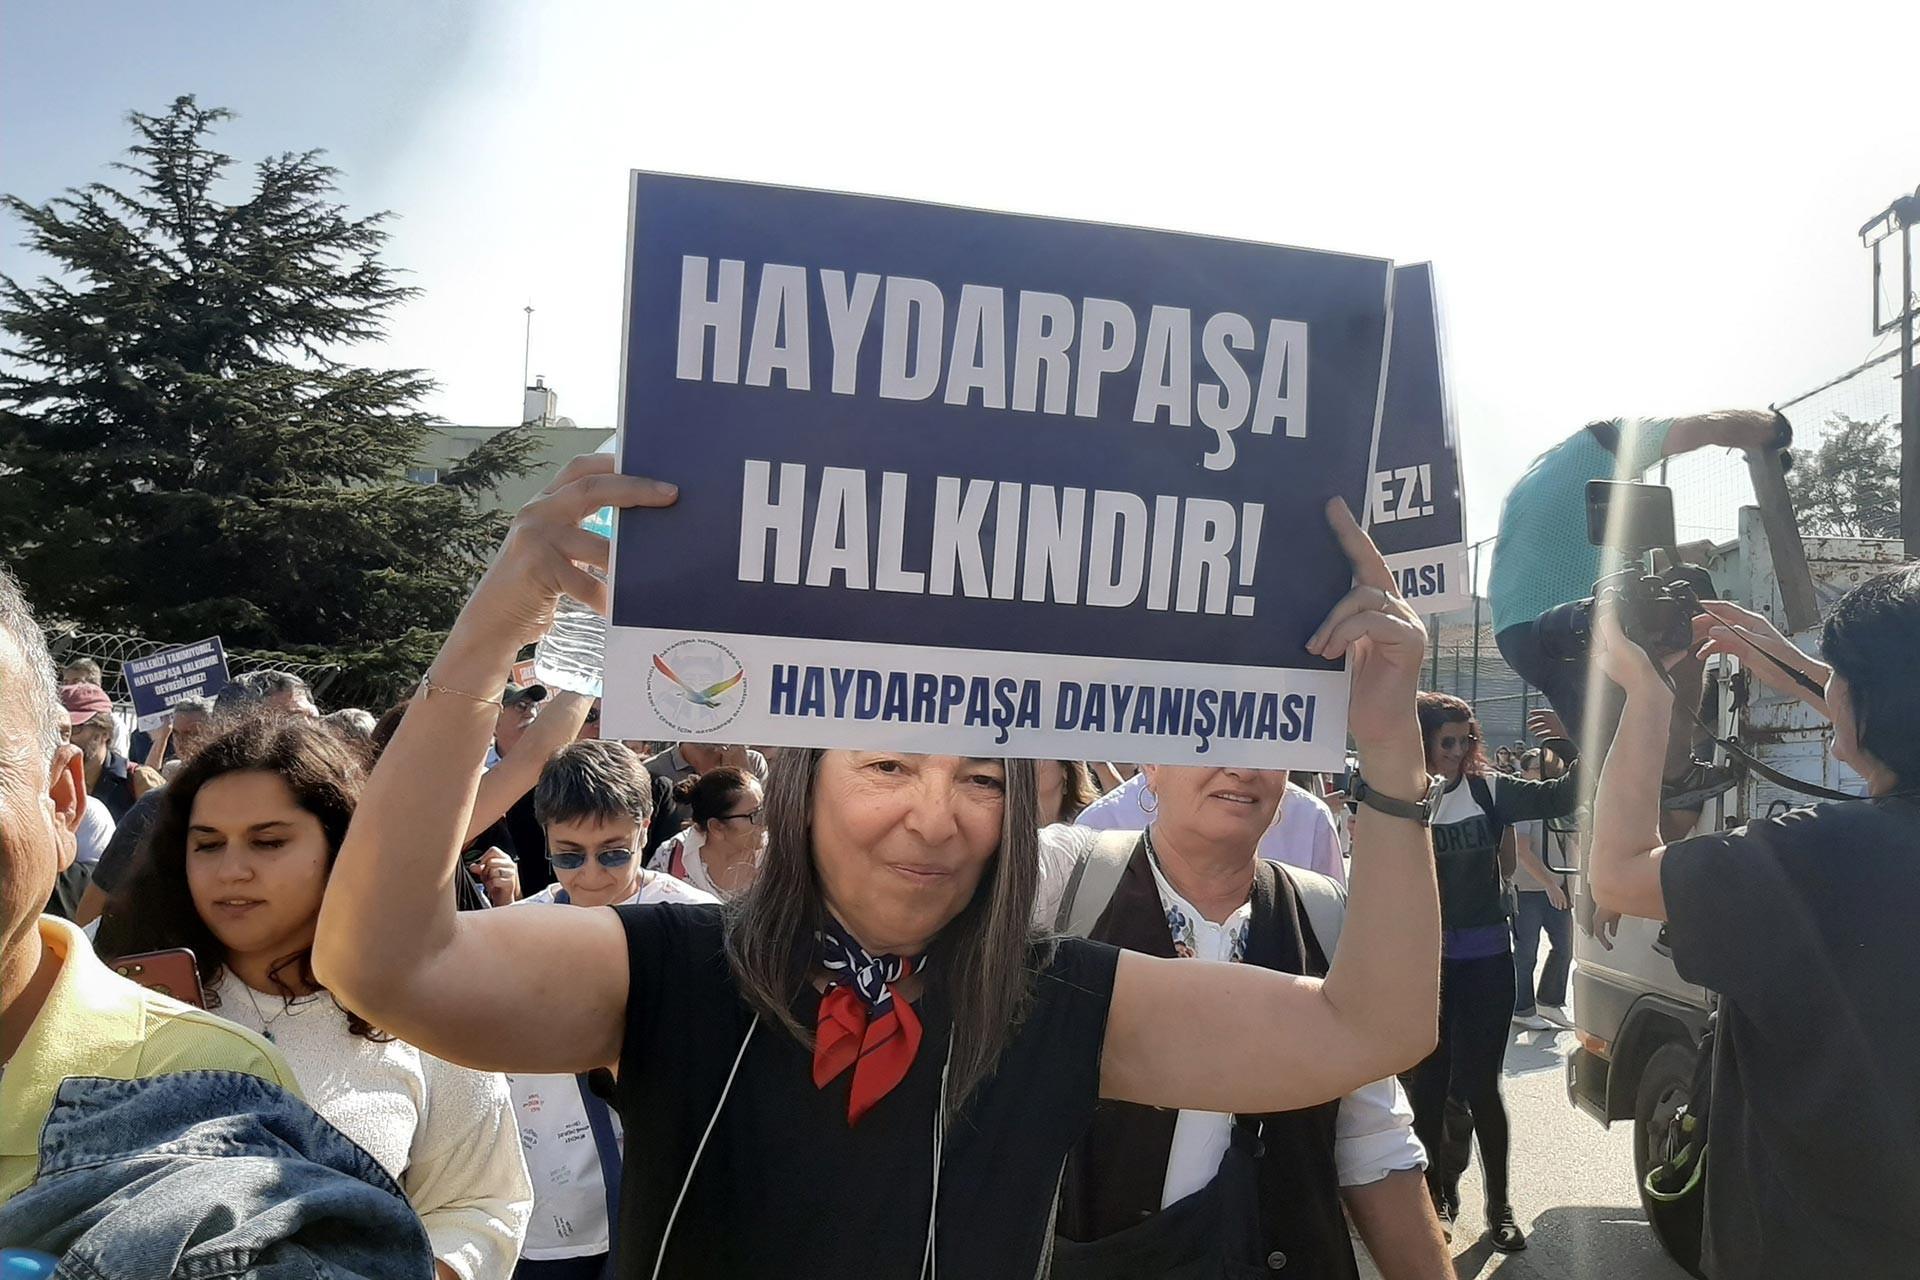 Haydarpaşa ve Sirkeci garlarının hukuksuz ihaleyle gasbına tepki: Buralar halkındır!